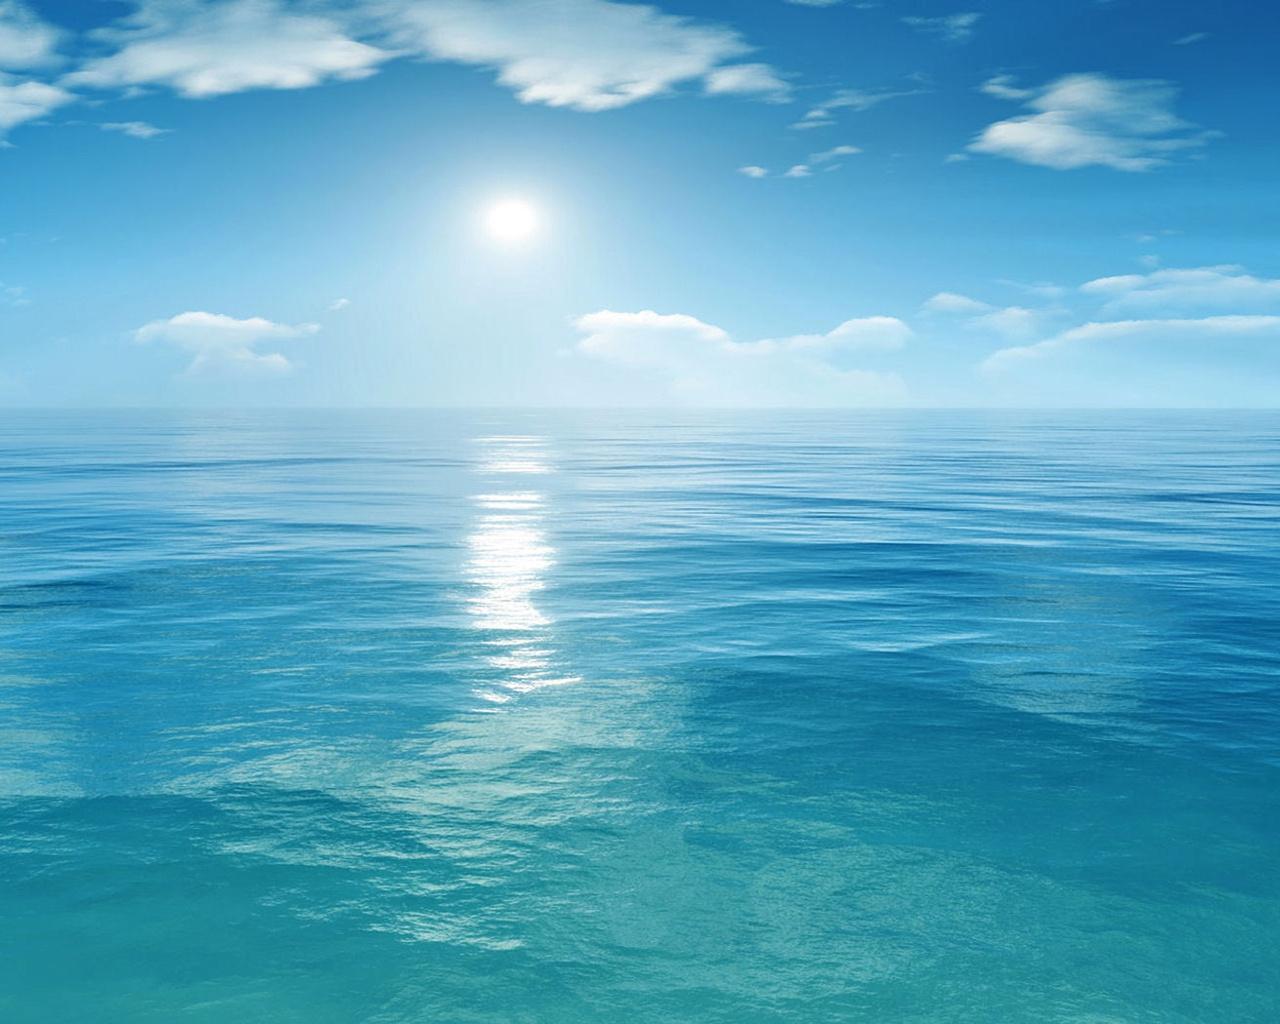 Download Sea Water Wallpaper 1280x1024   Full HD Wall 1280x1024